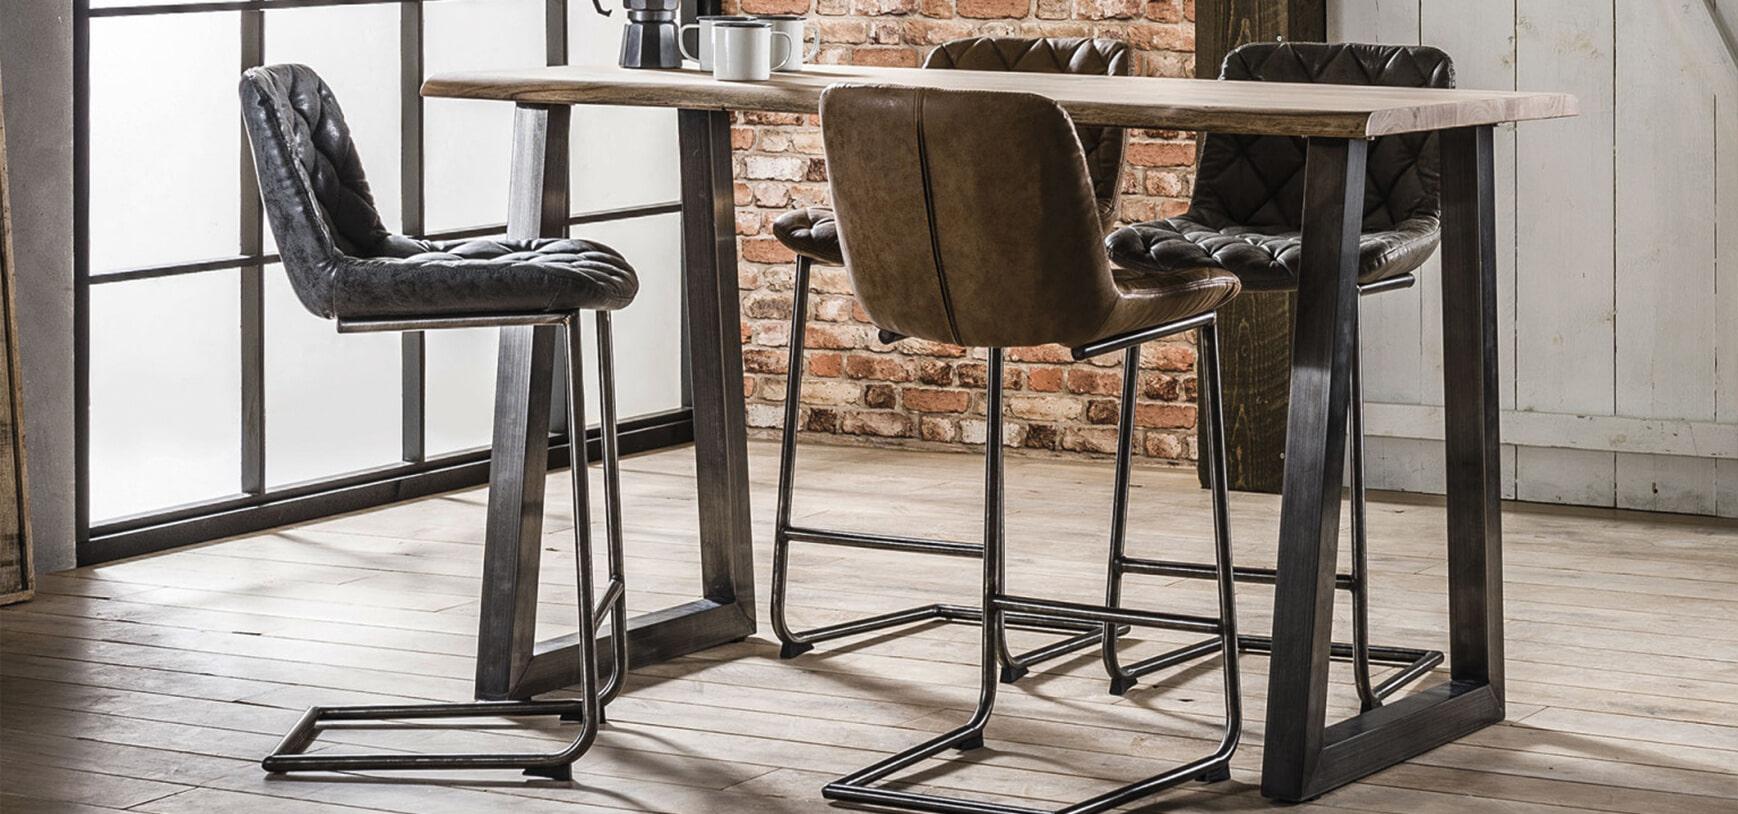 Verrassend Barkrukken & Barstoelen • Grote collectie | Meubelpartner XT-32